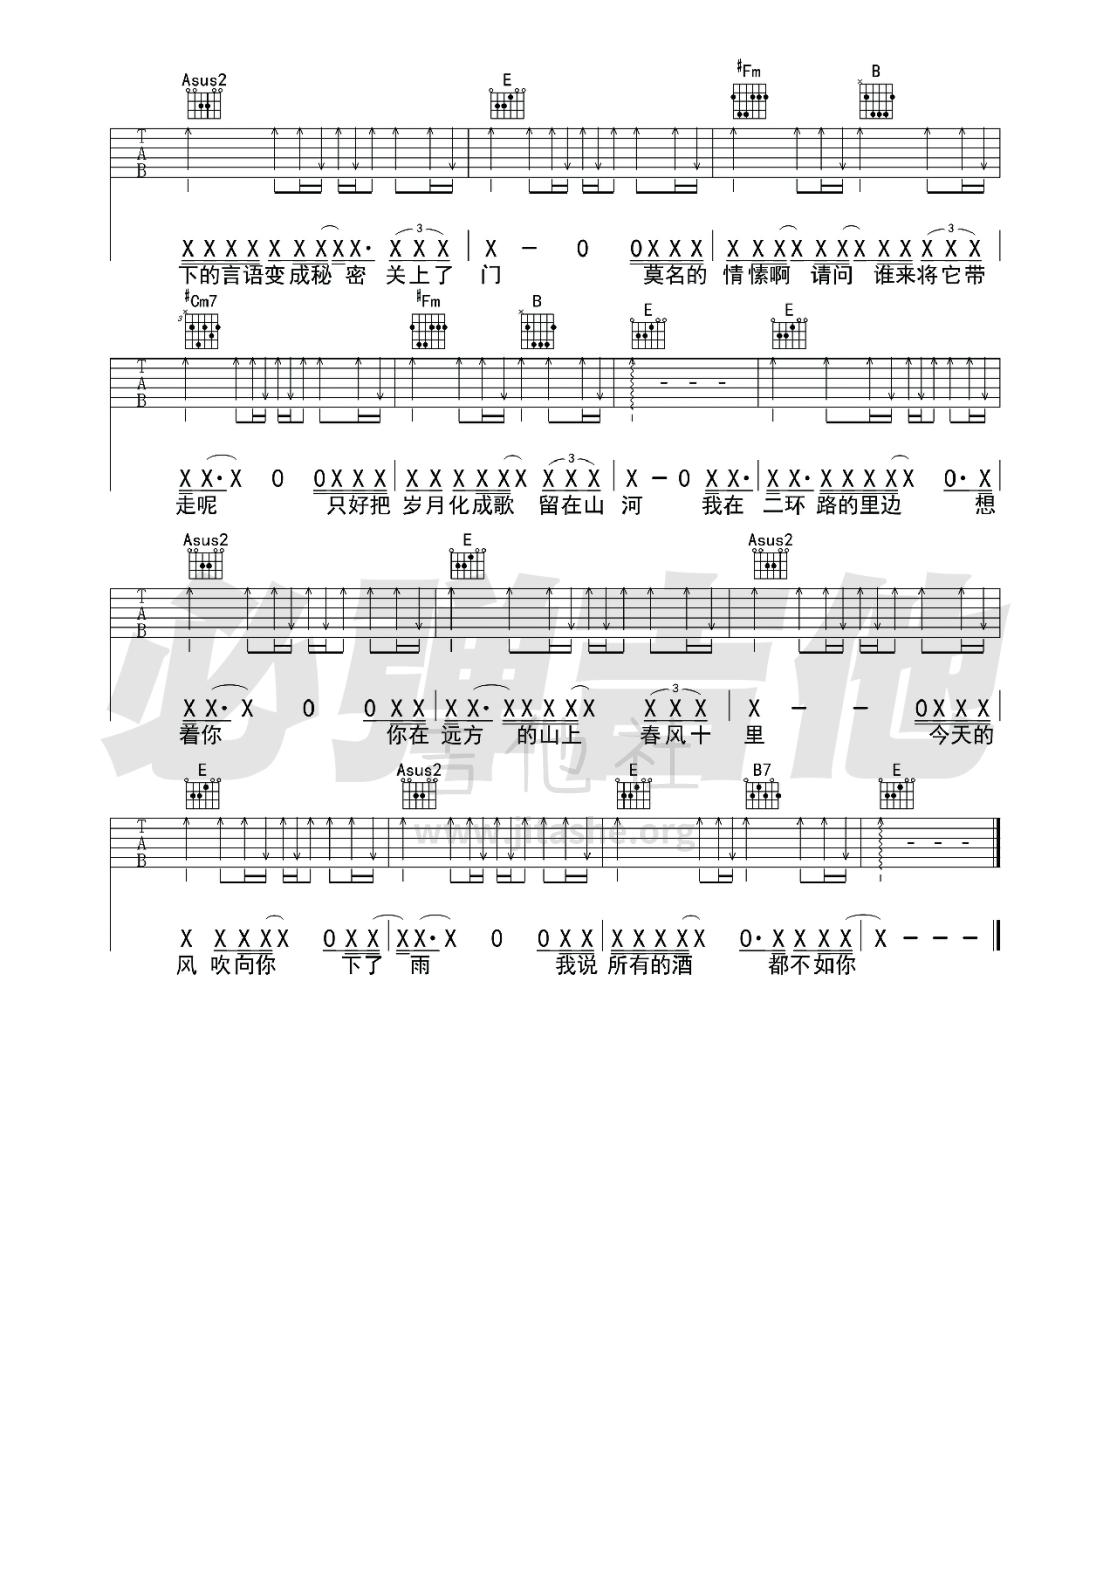 春风十里(必弹吉他)吉他谱(图片谱,吉他,吉他弹唱,吉他谱)_鹿先森乐队_kgnfregm02vf2krwan1f.png